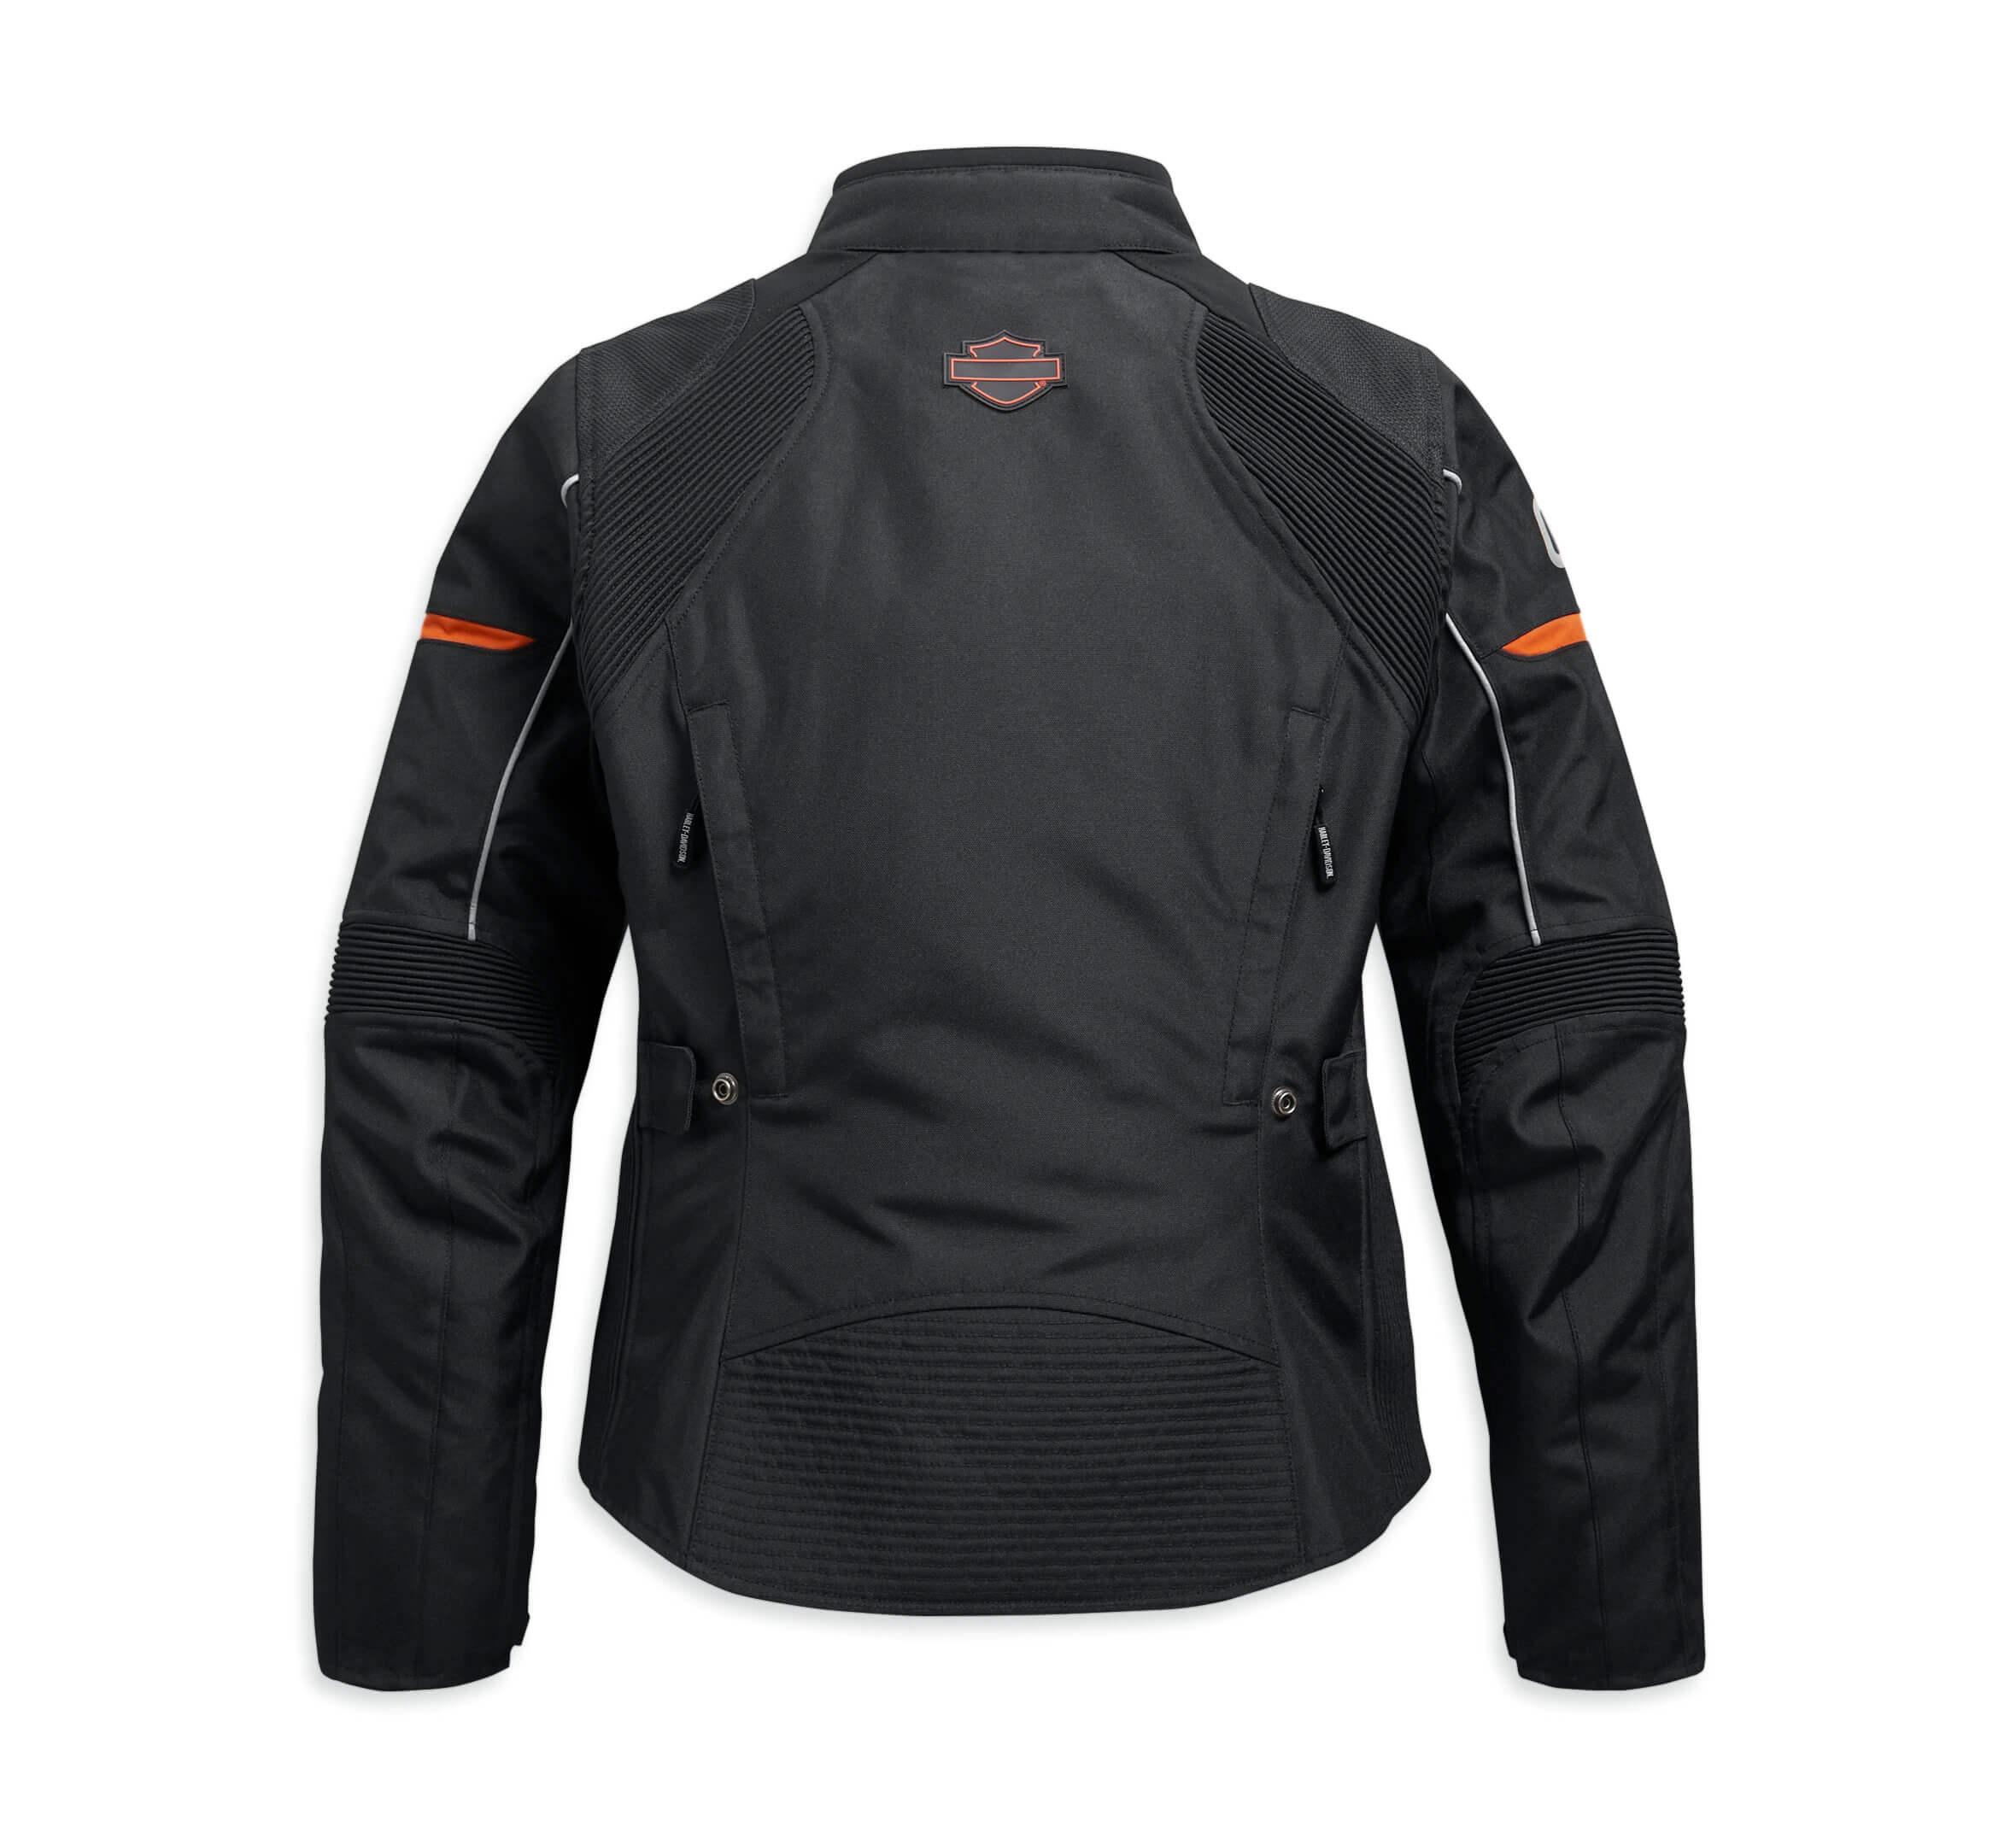 Harley Davidson Killian Riding Motorcycle Leather Jacket